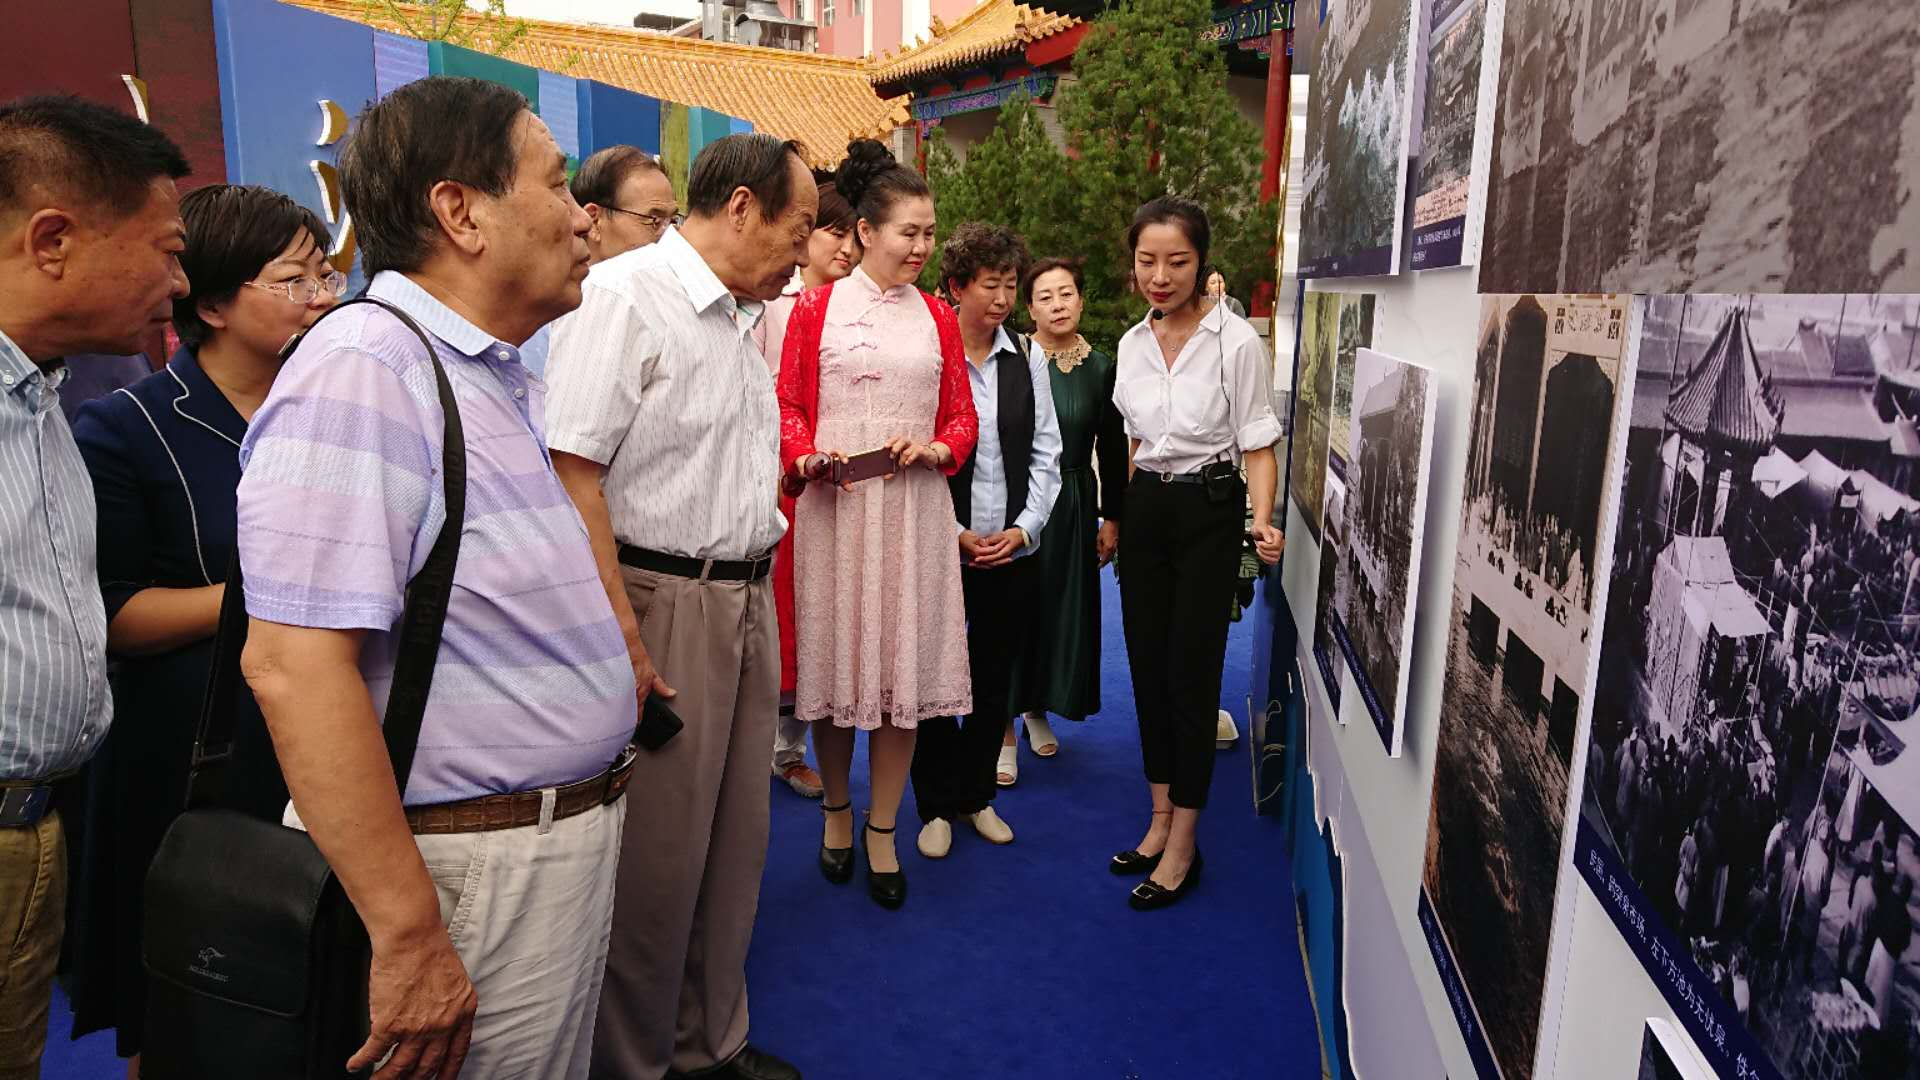 泉水节 | 老济南图片展市民巡访团团长辛安讲述老济南回忆